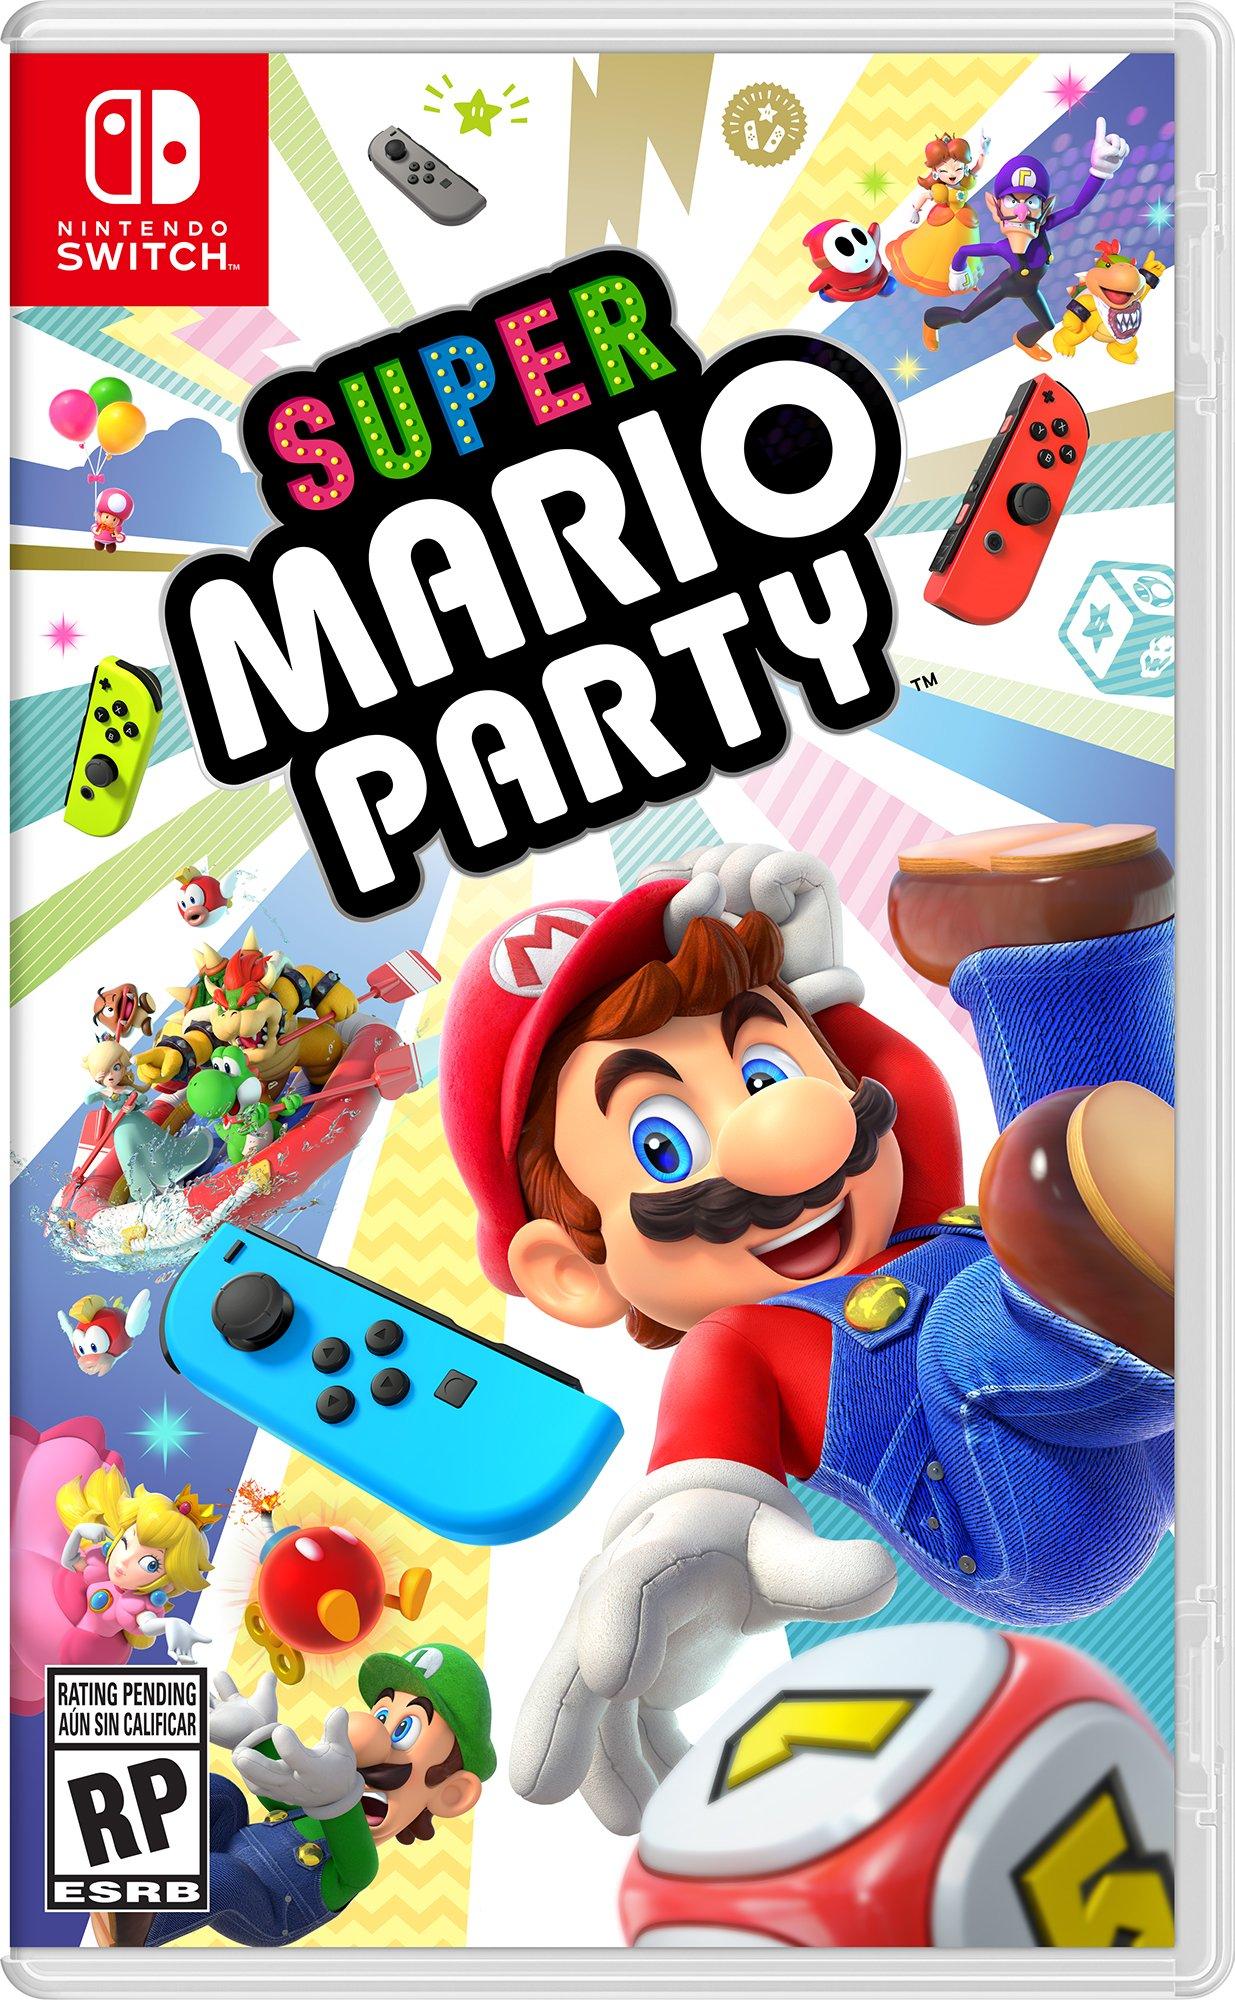 Buy Super Mario Party Now!